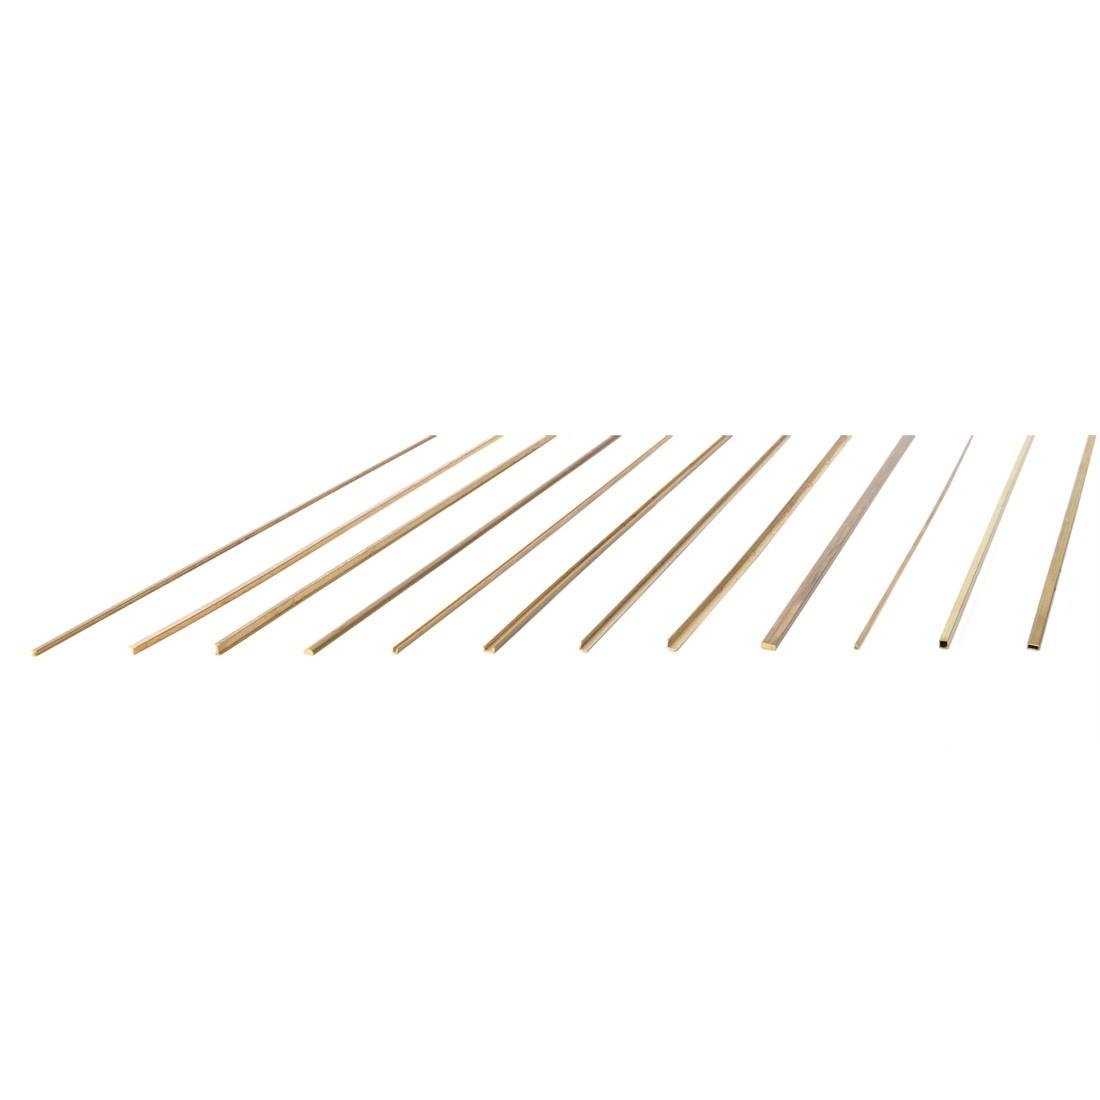 Ángulos de latón 1,5x3x500